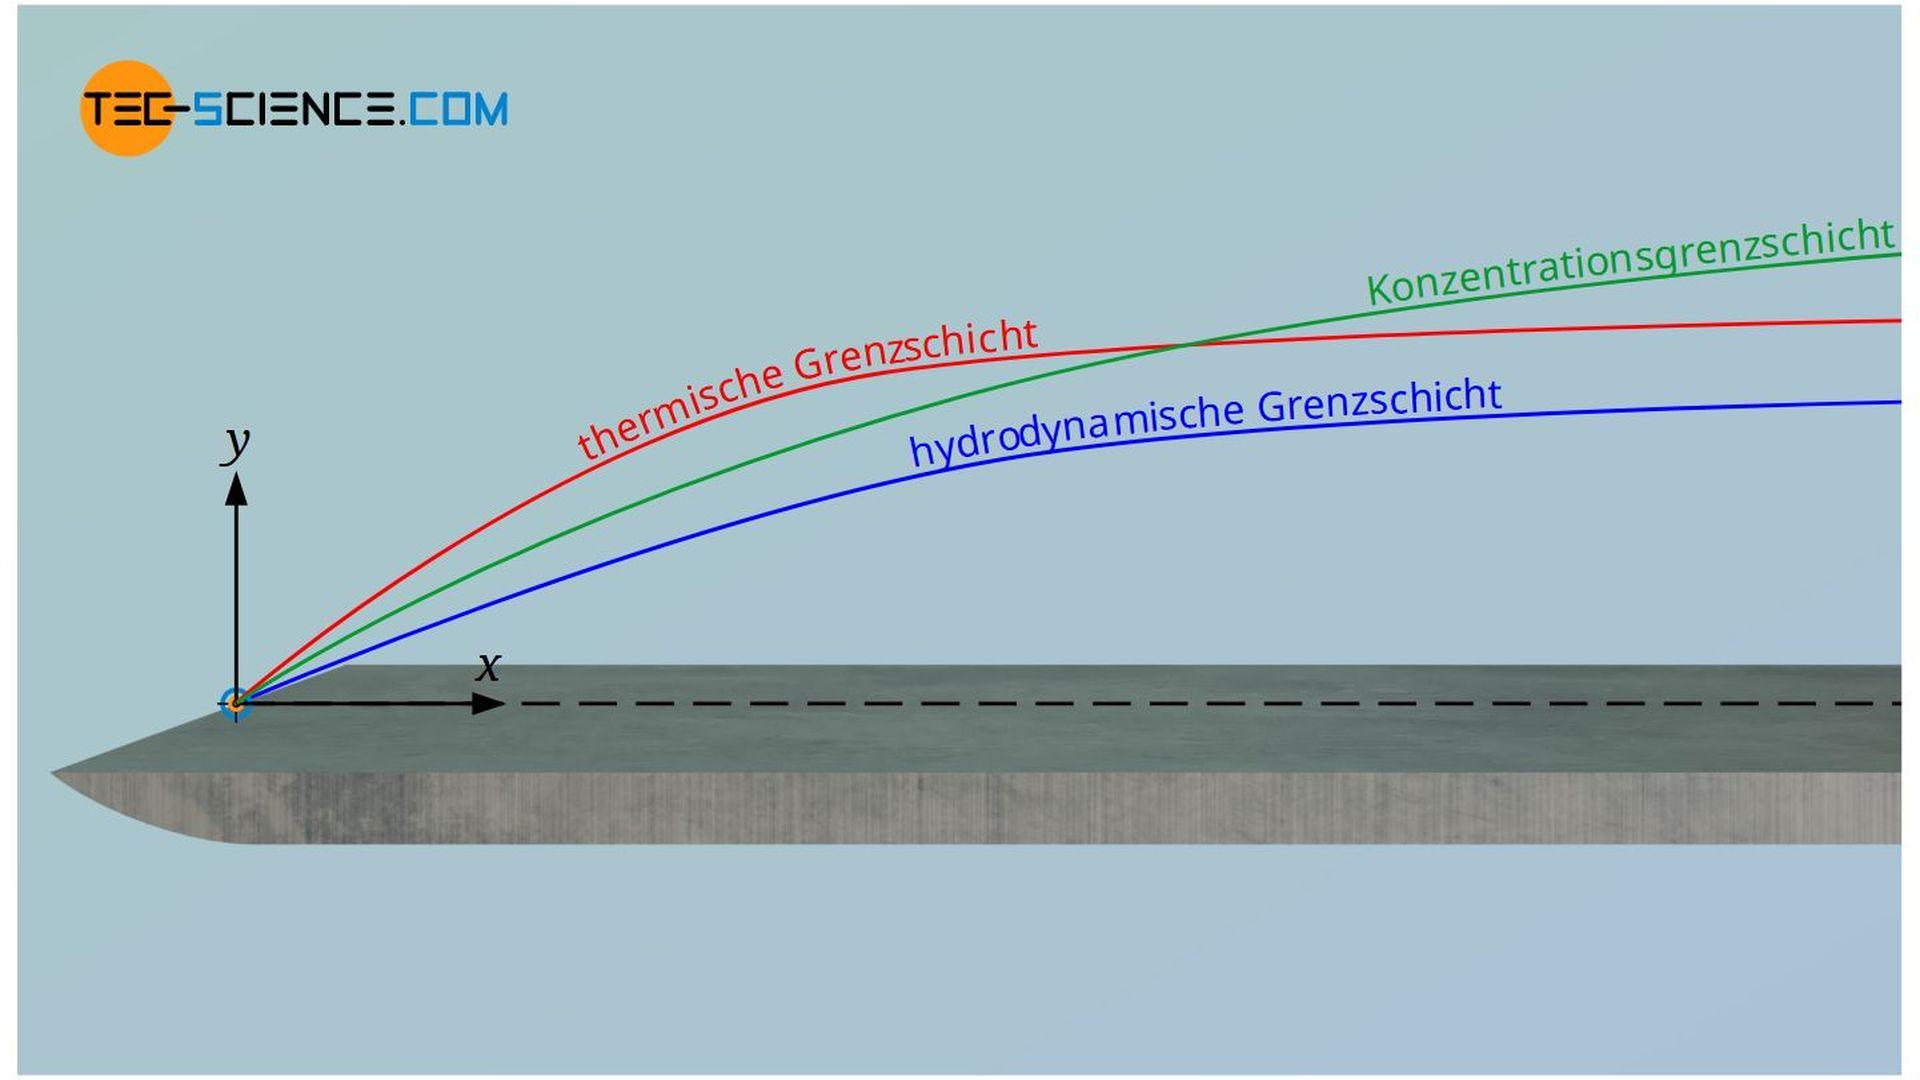 Hydrodynamische Grenzschicht, thermische Grenzschicht und Konzentrationsgrenzschicht